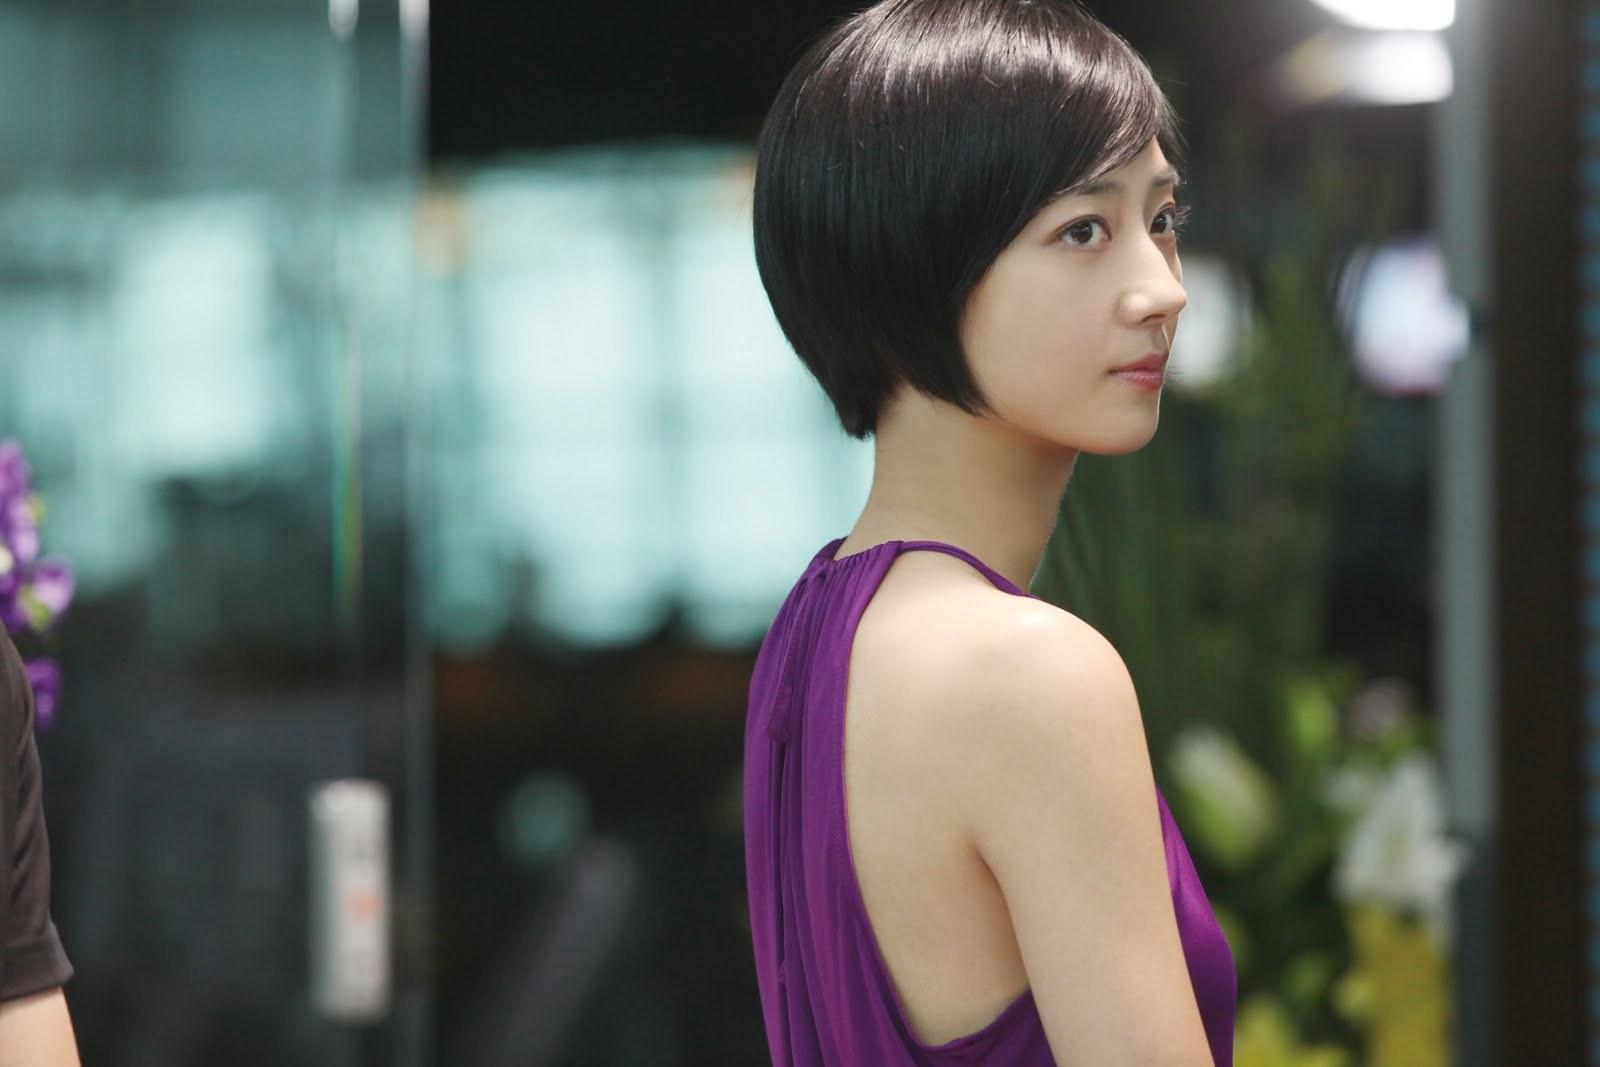 Gwei lun mei - 1 7